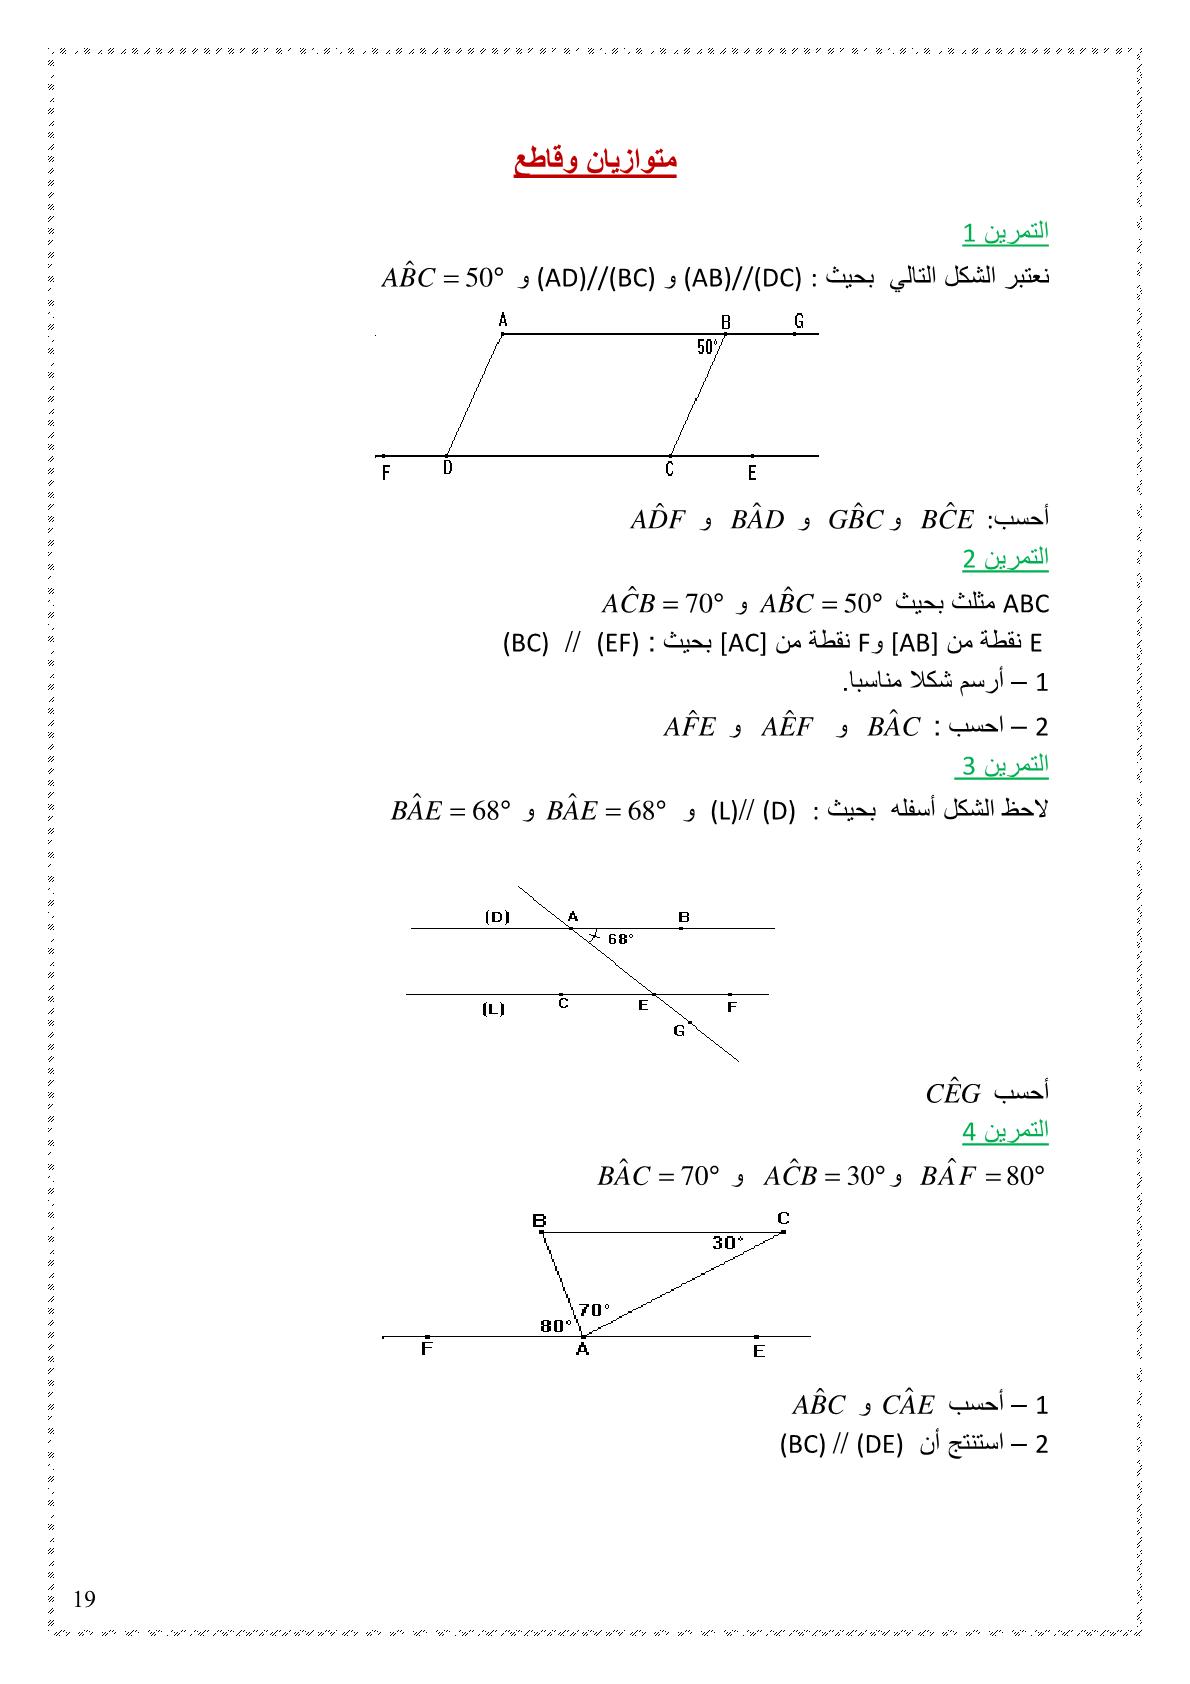 تمارين متوازيان وقاطع مادة الرياضيات للسنة الاولى اعدادي